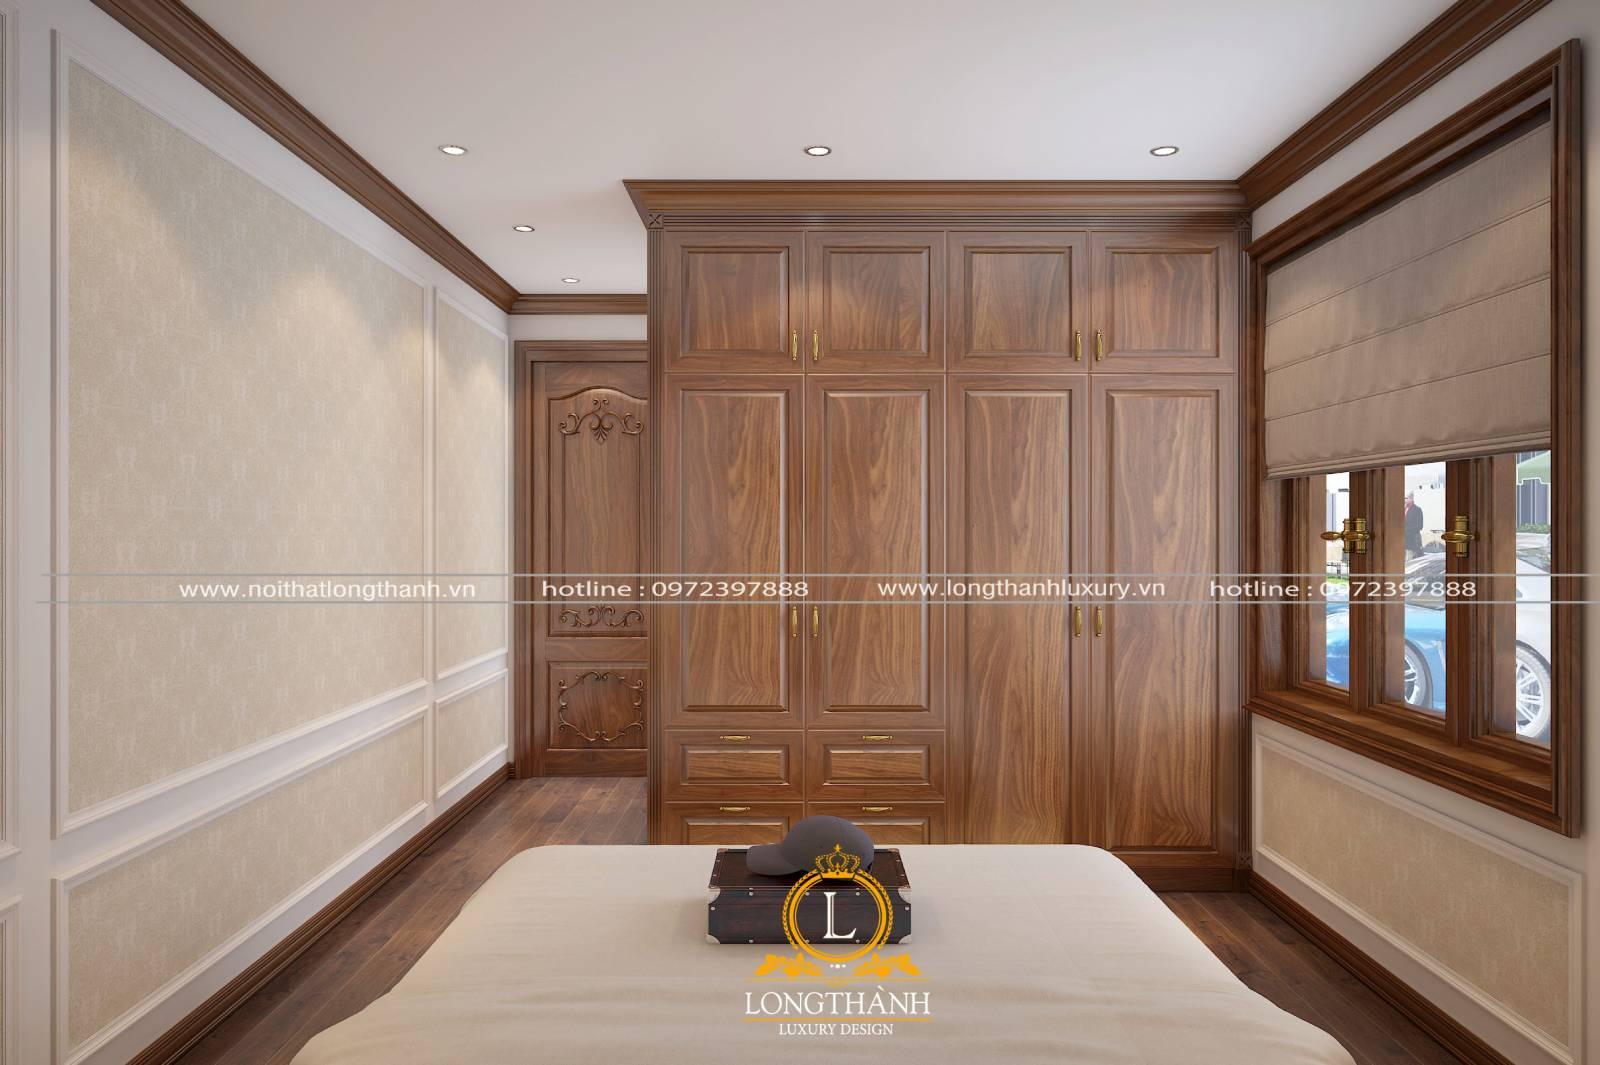 Cửa phòng ngủ tân cổ điển có màu nâu sậm của gỗ tự nhiên